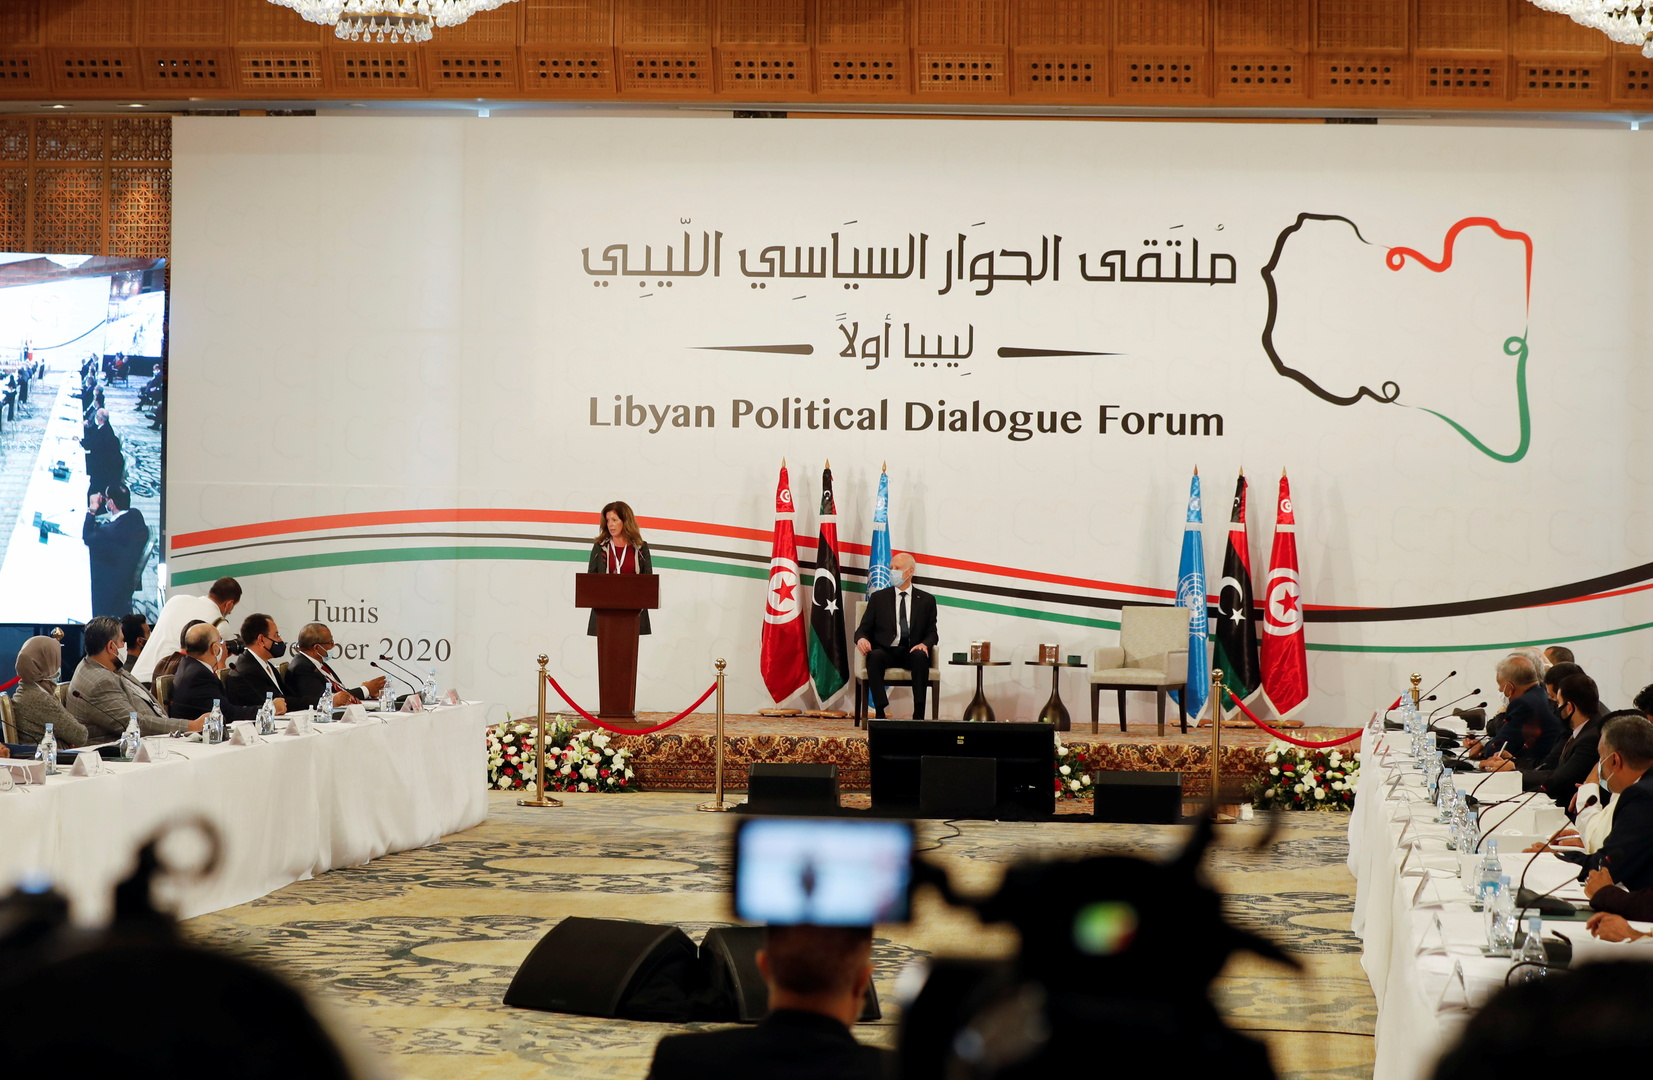 المنقوش ولعمامرة يبحثان آفاق التوصل إلى تسوية سلمية في ليبيا